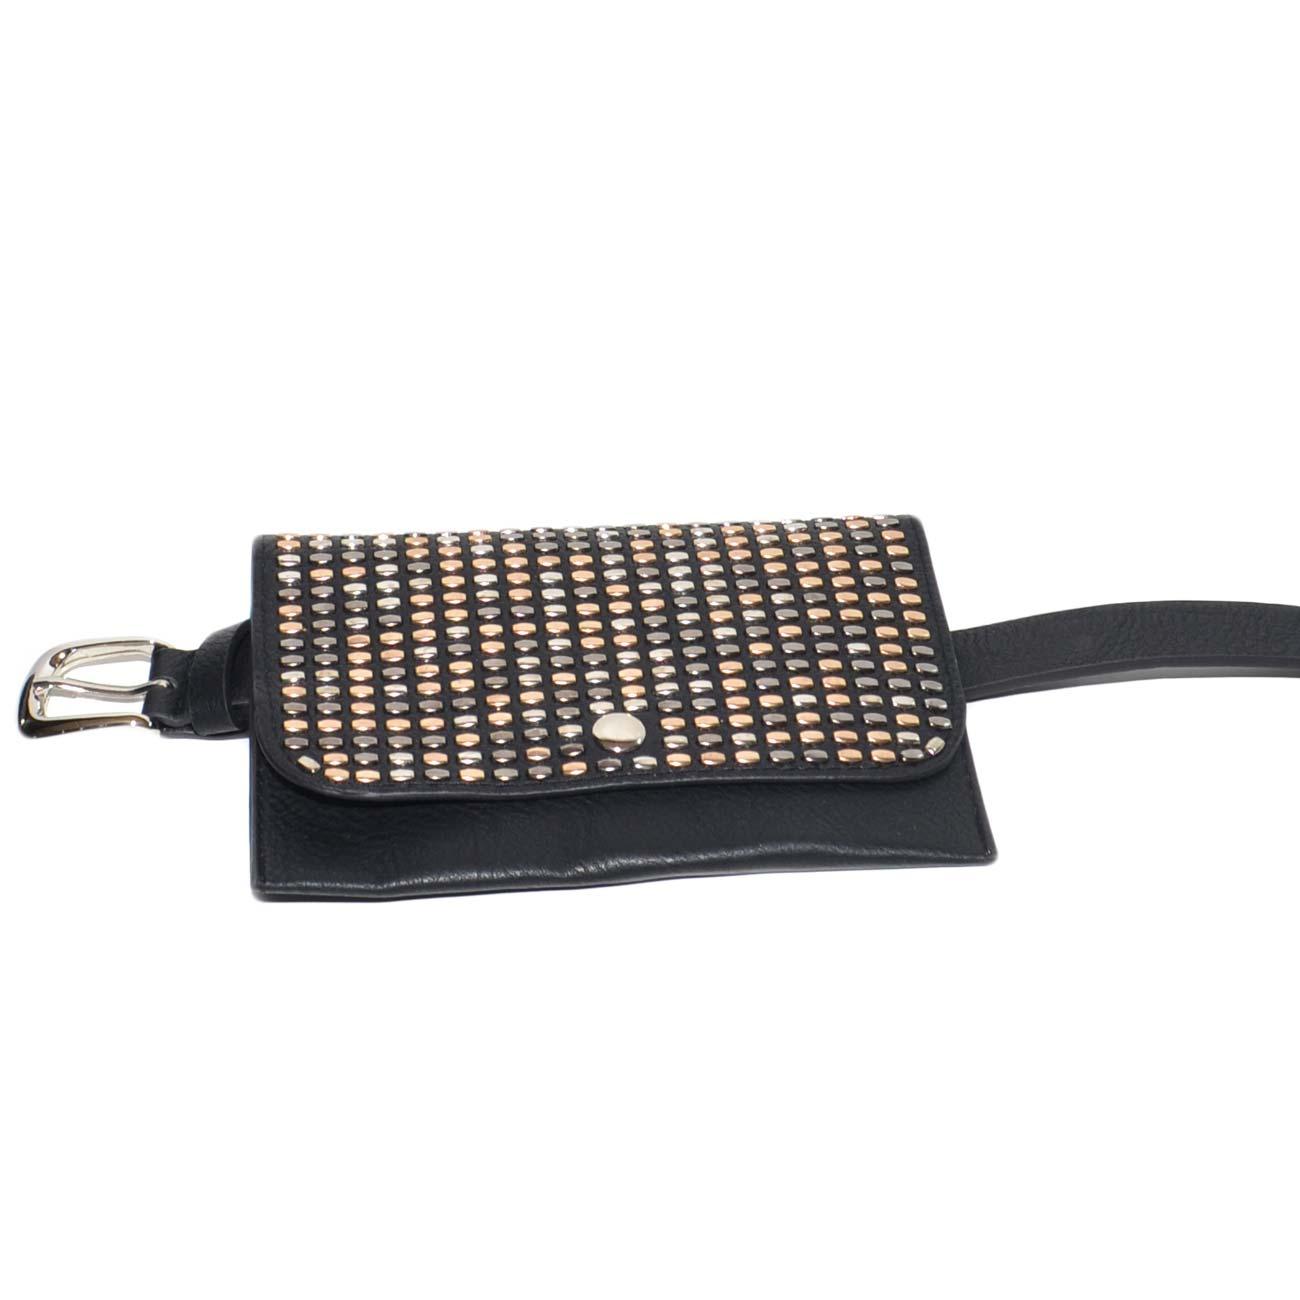 limpido in vista completo nelle specifiche moda più desiderabile Cintura donna sottile nera in ecopelle 3 cm con borsello annesso borchiette  glamour moda marsupio donna cinture Malu Shoes | MaluShoes